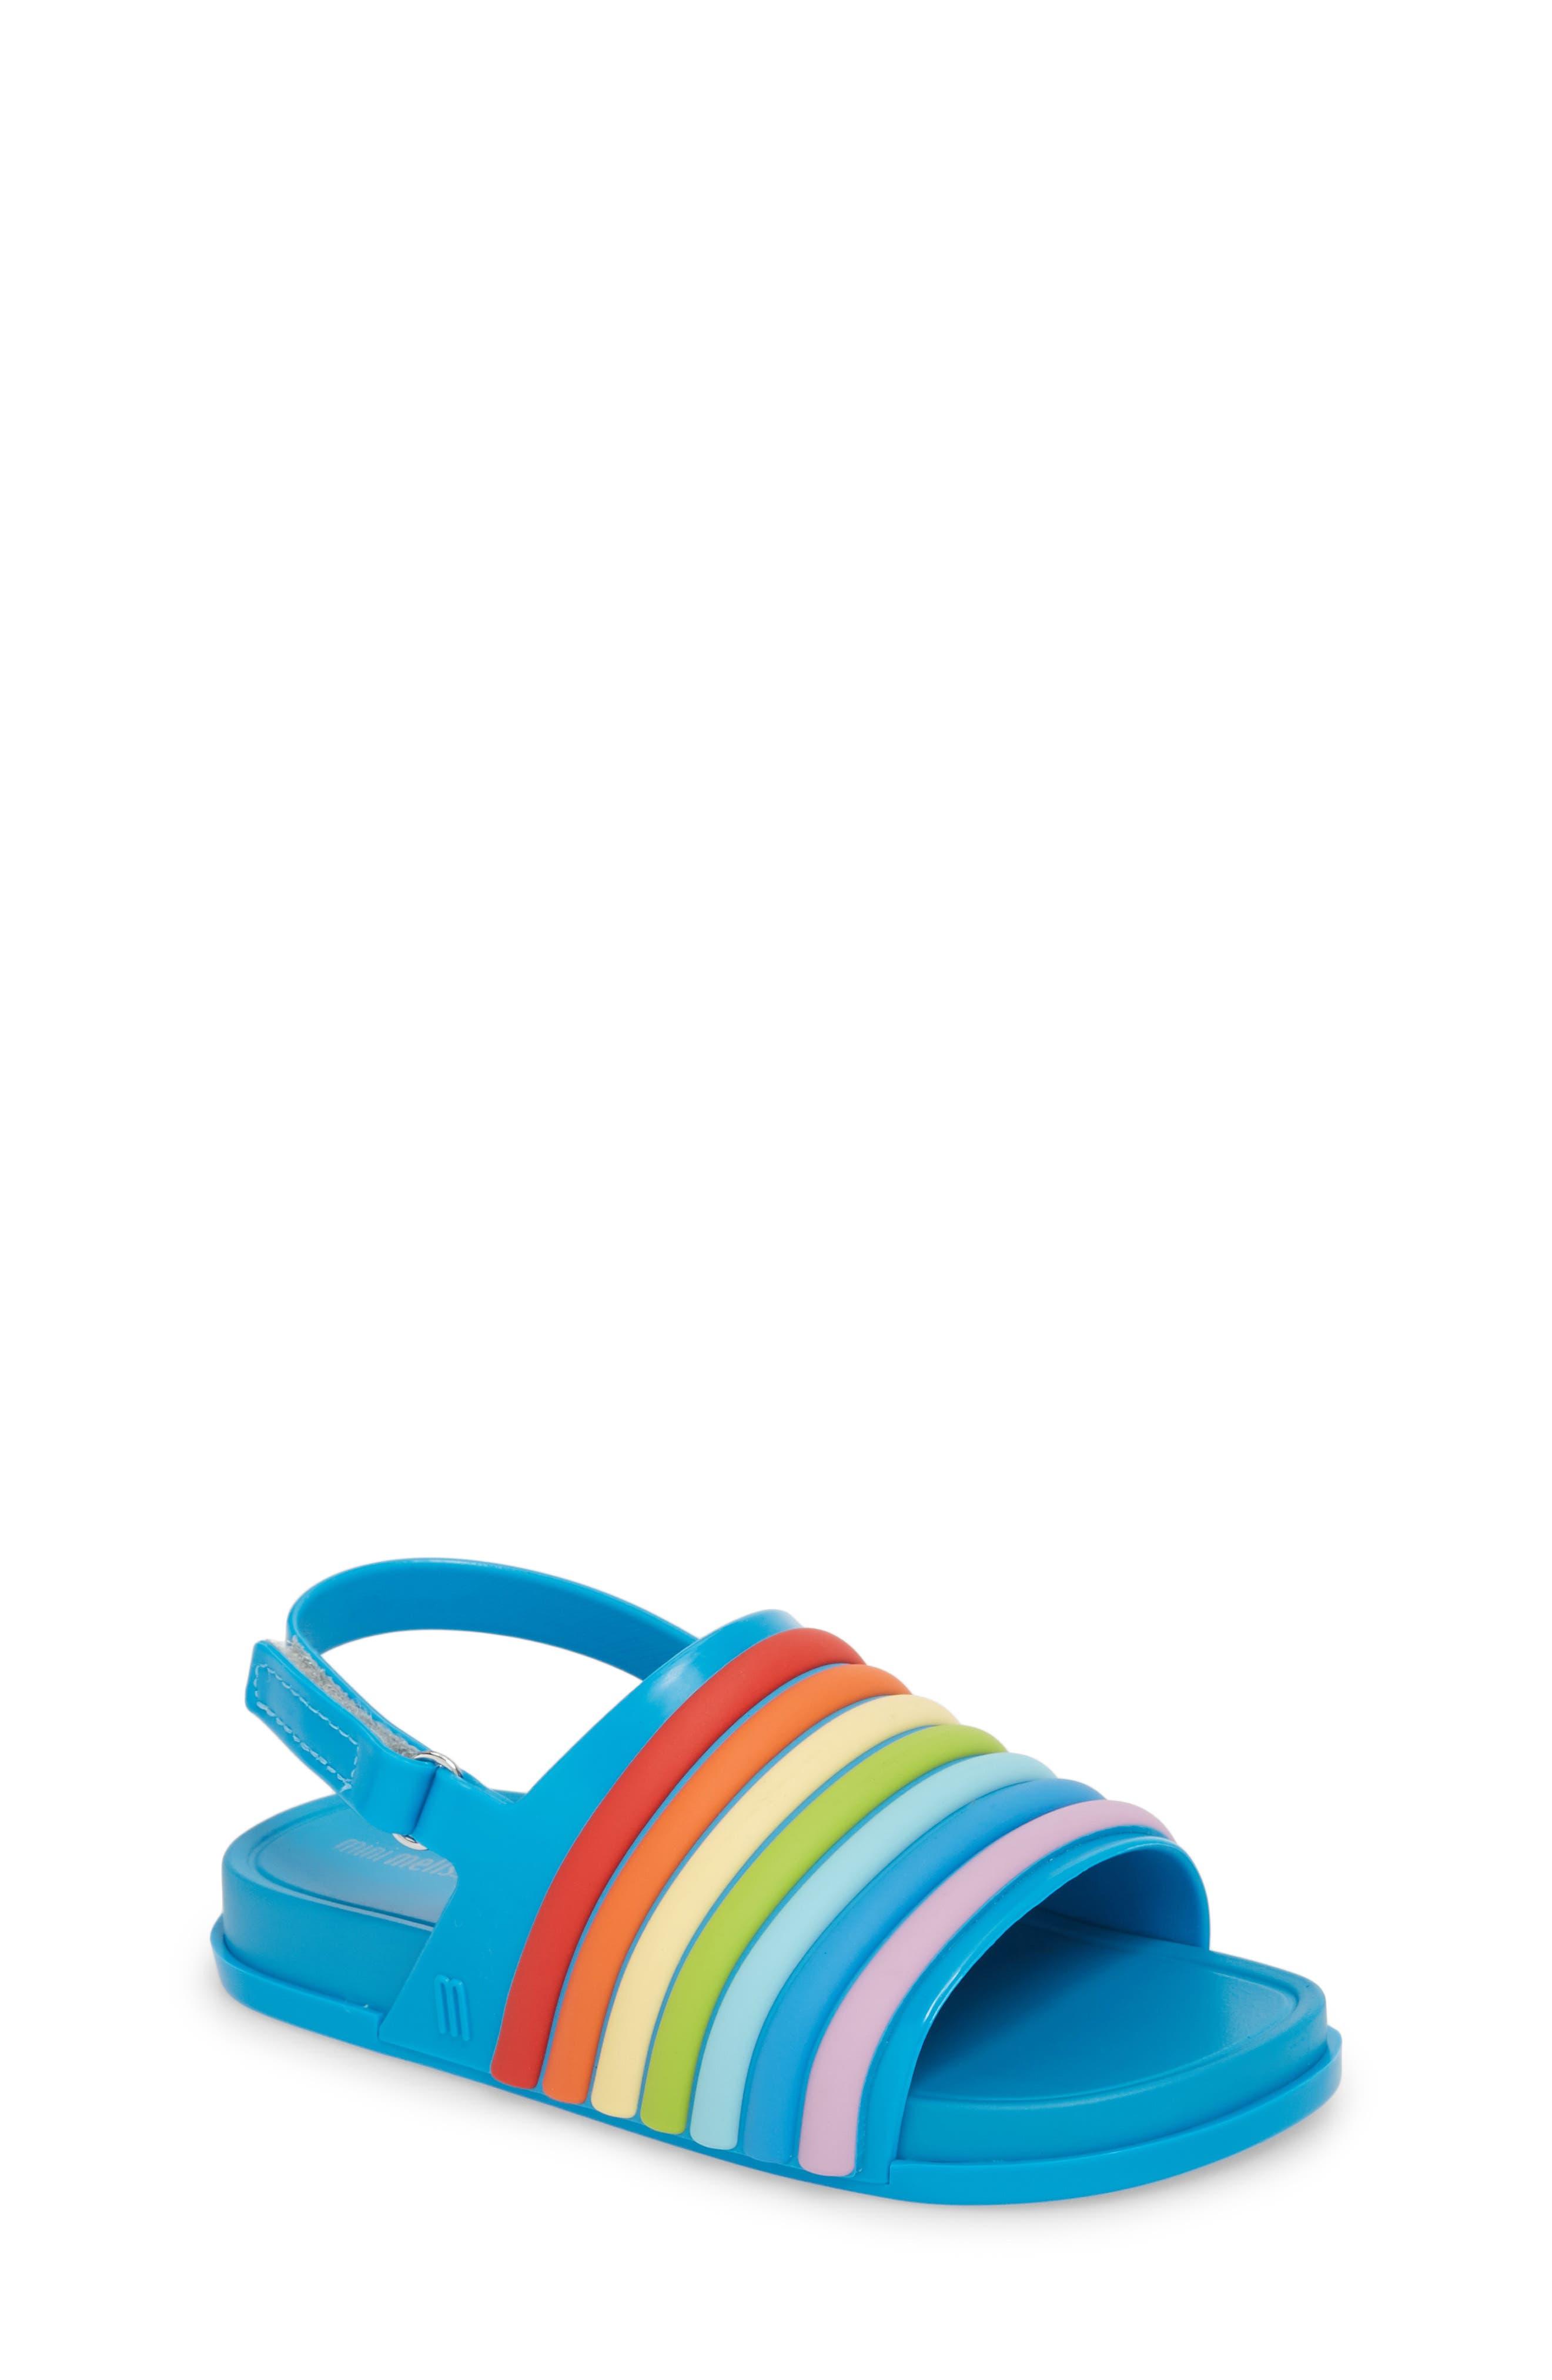 Rainbow Beach Sandal,                             Main thumbnail 3, color,